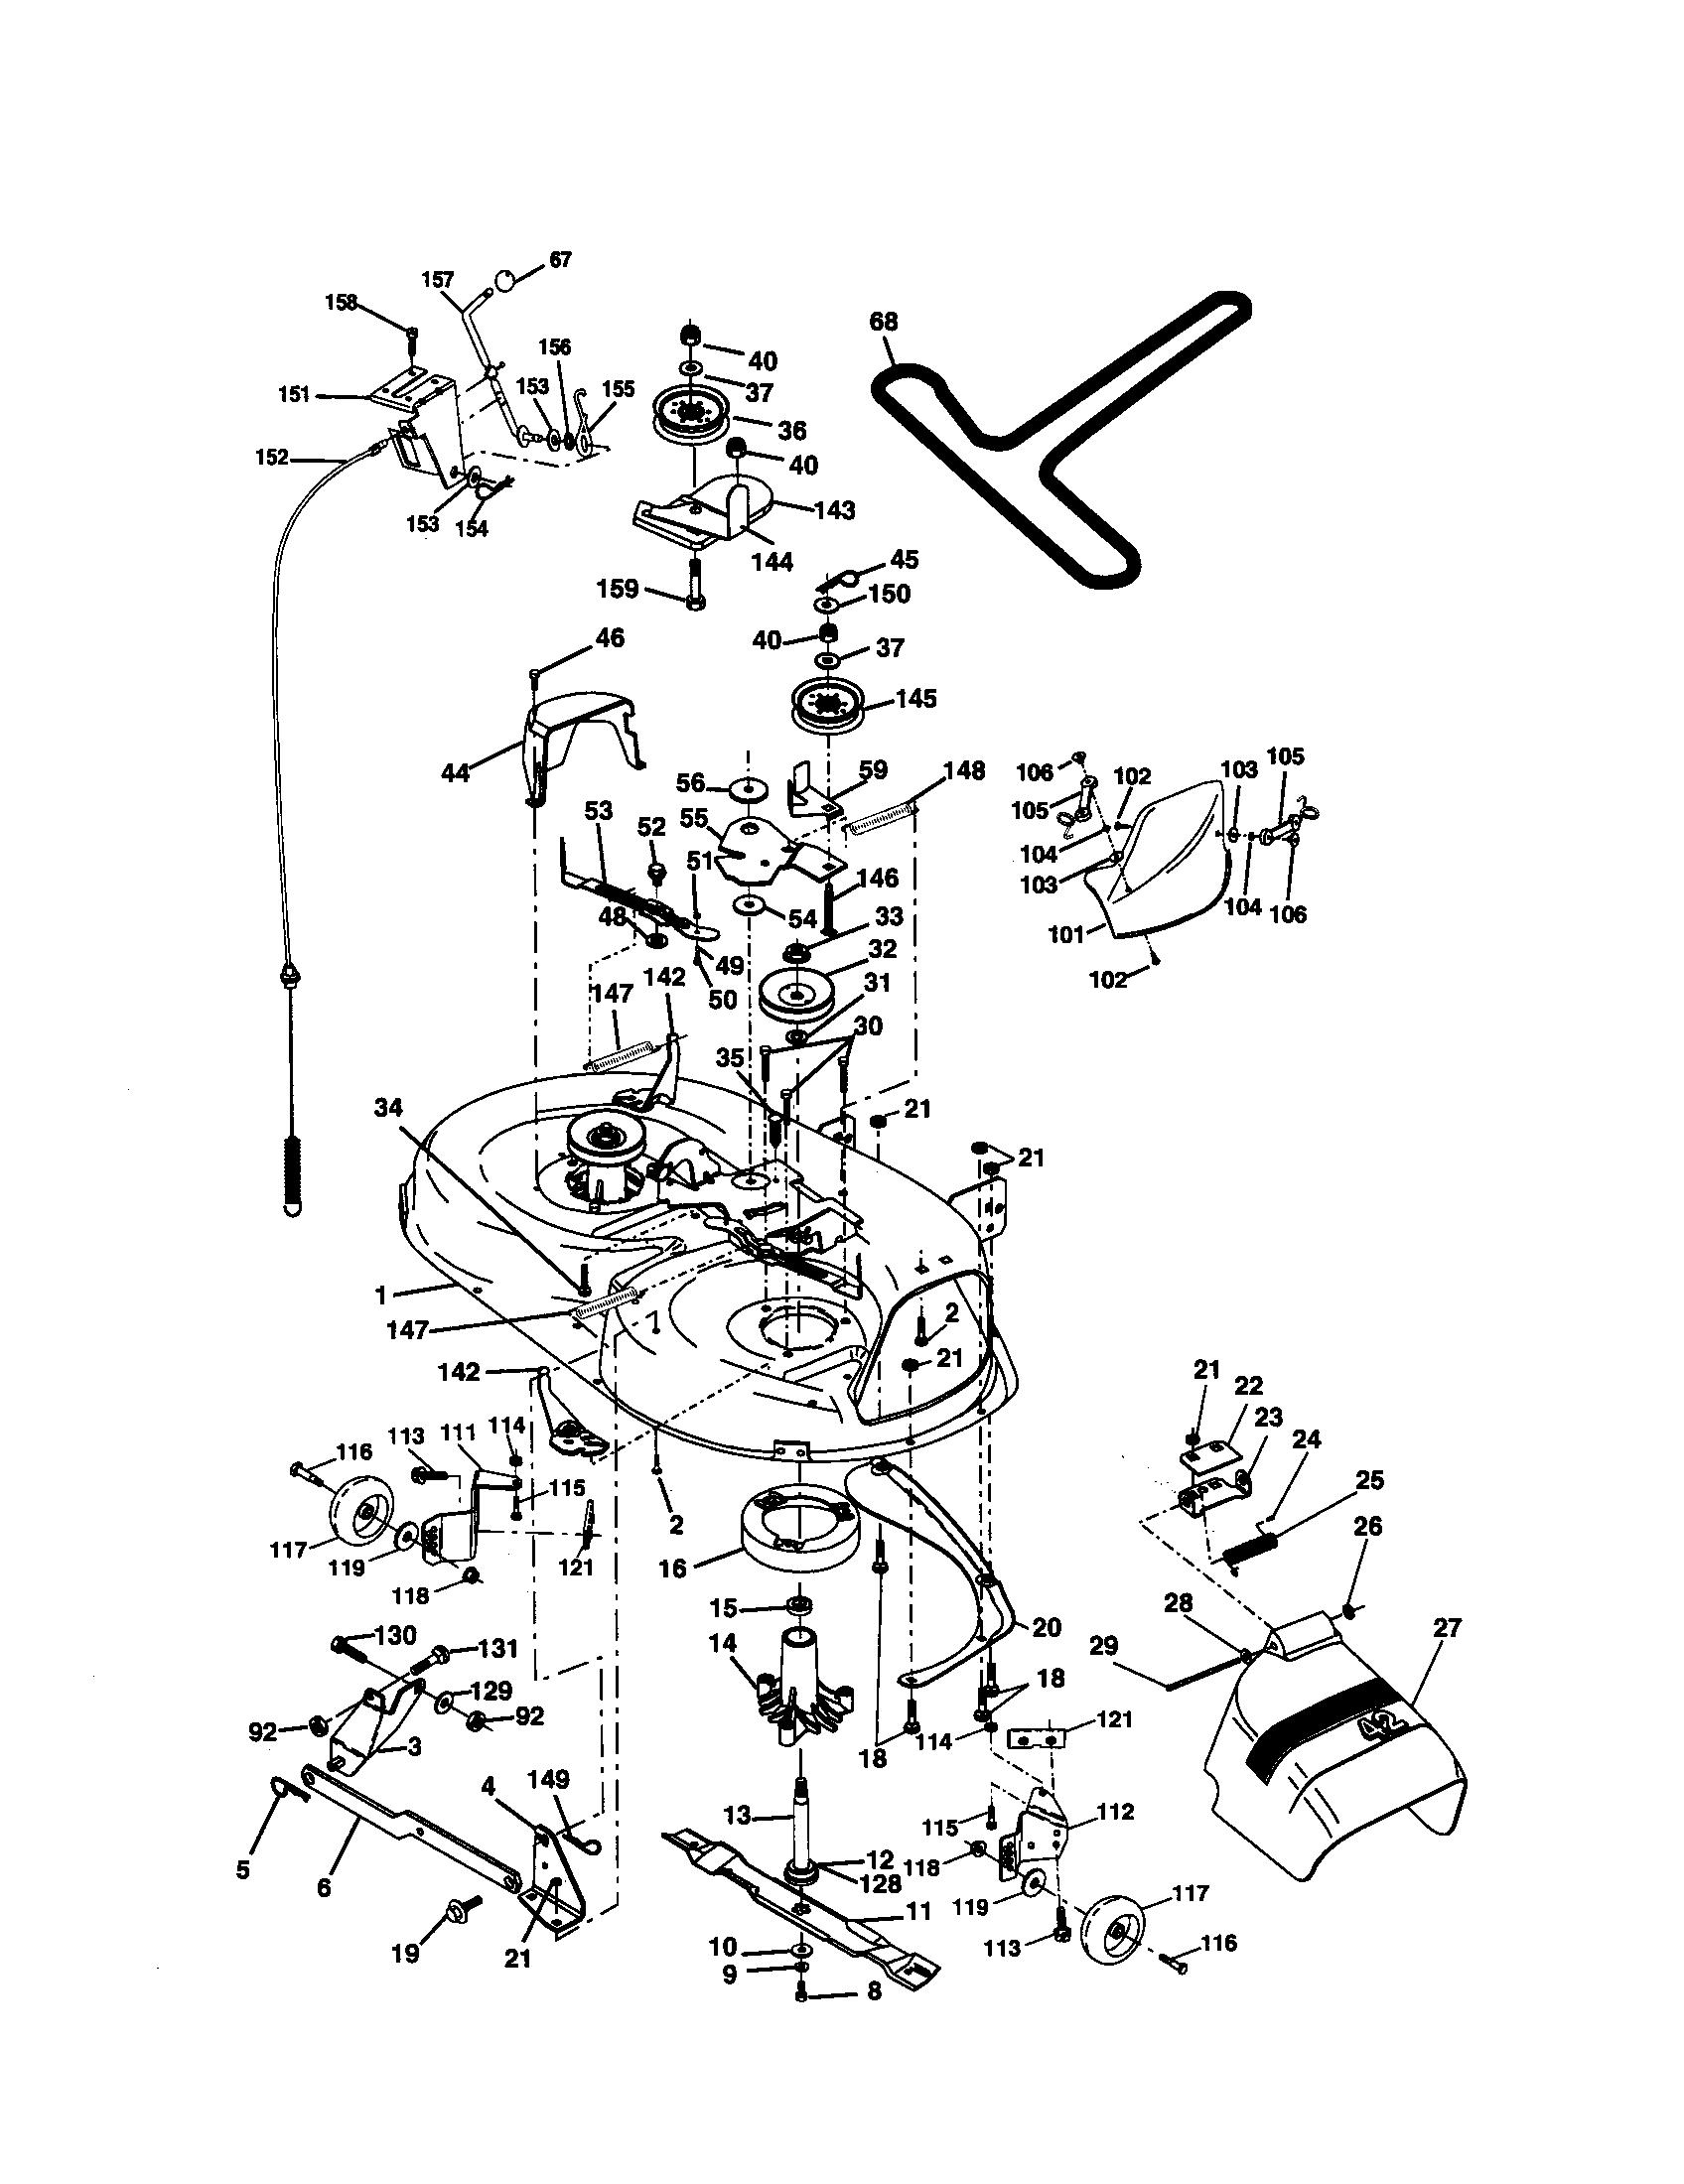 917270760 craftsman wiring diagram model